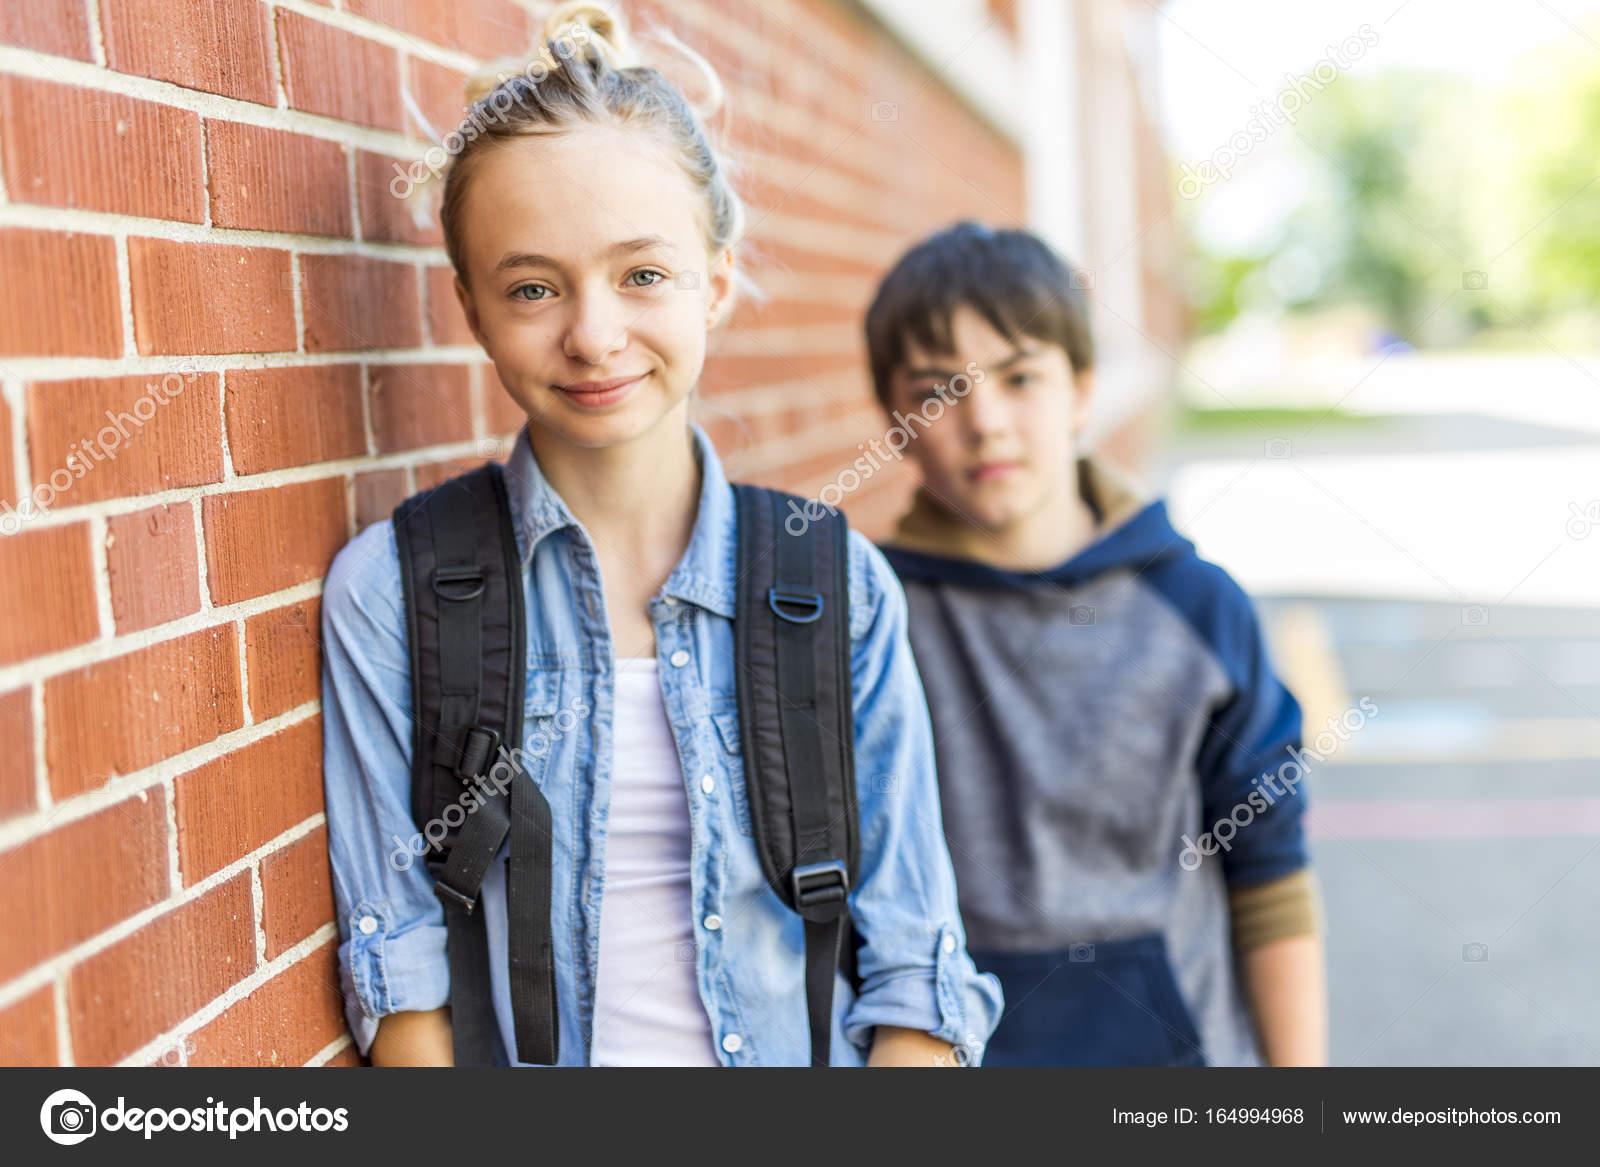 3a3ddb4f758 Ένα πορτρέτο του σχολείου 10 ετών αγόρι και κορίτσι Διασκεδάζοντας έξω — Εικόνα  από ...